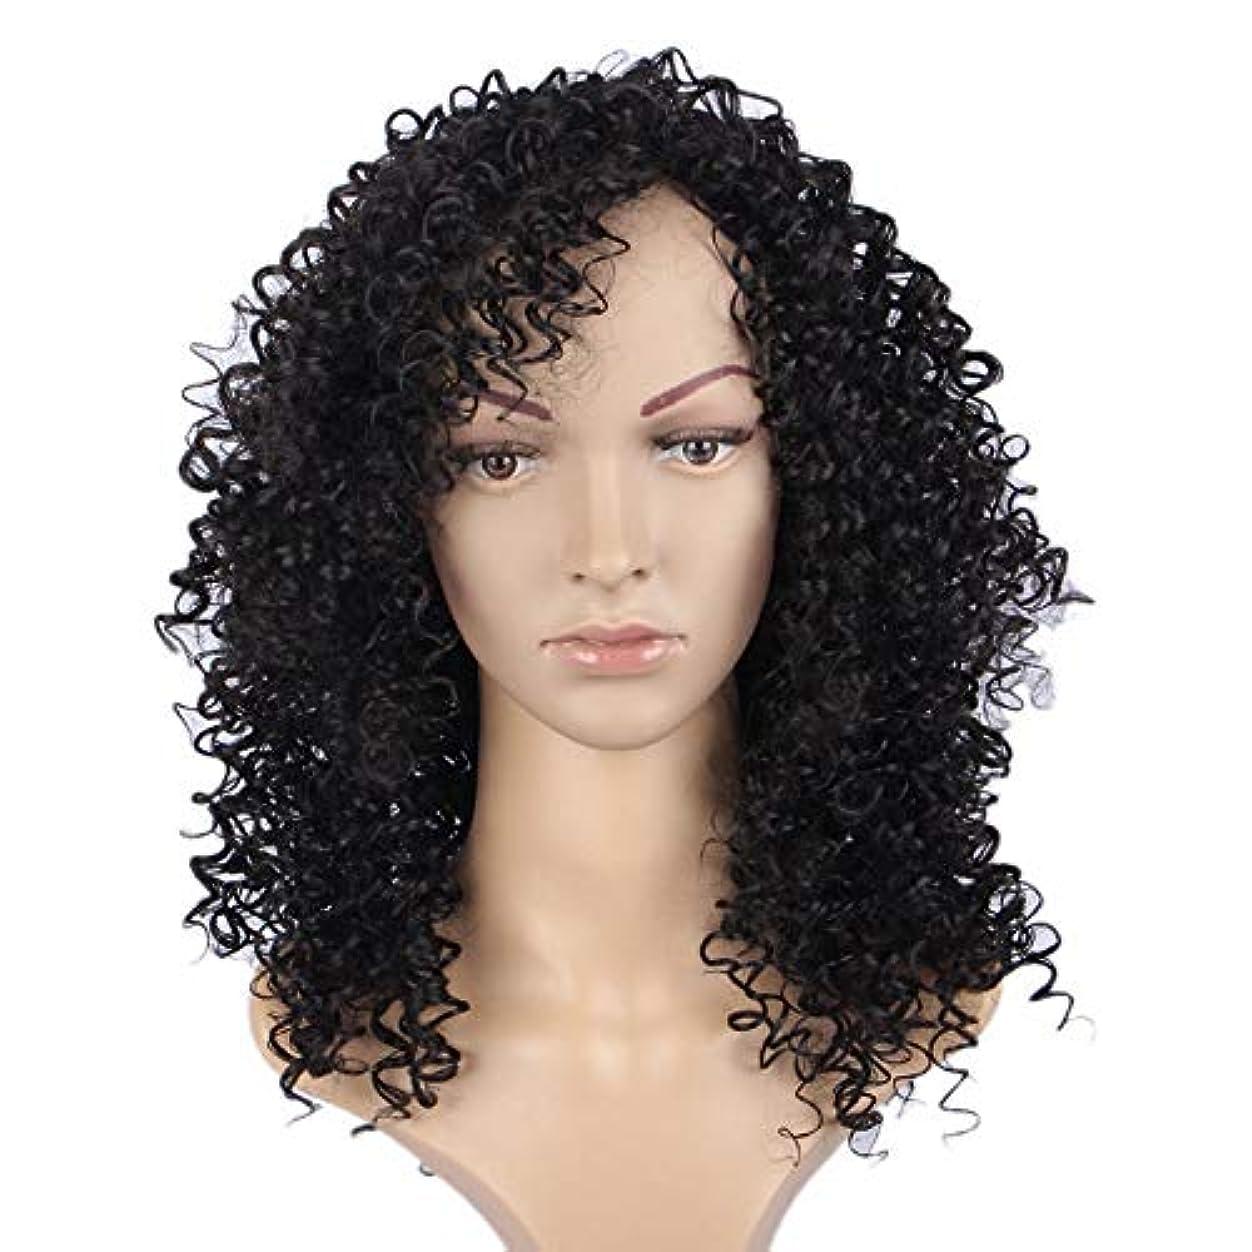 ラビリンス派手請願者WASAIO スタイルの置換のための小さな巻き毛ウィッグアクセサリー女性グラデーションアフリカンブラックロールヘッドギア高温ワイヤー爆発 (色 : 黒)